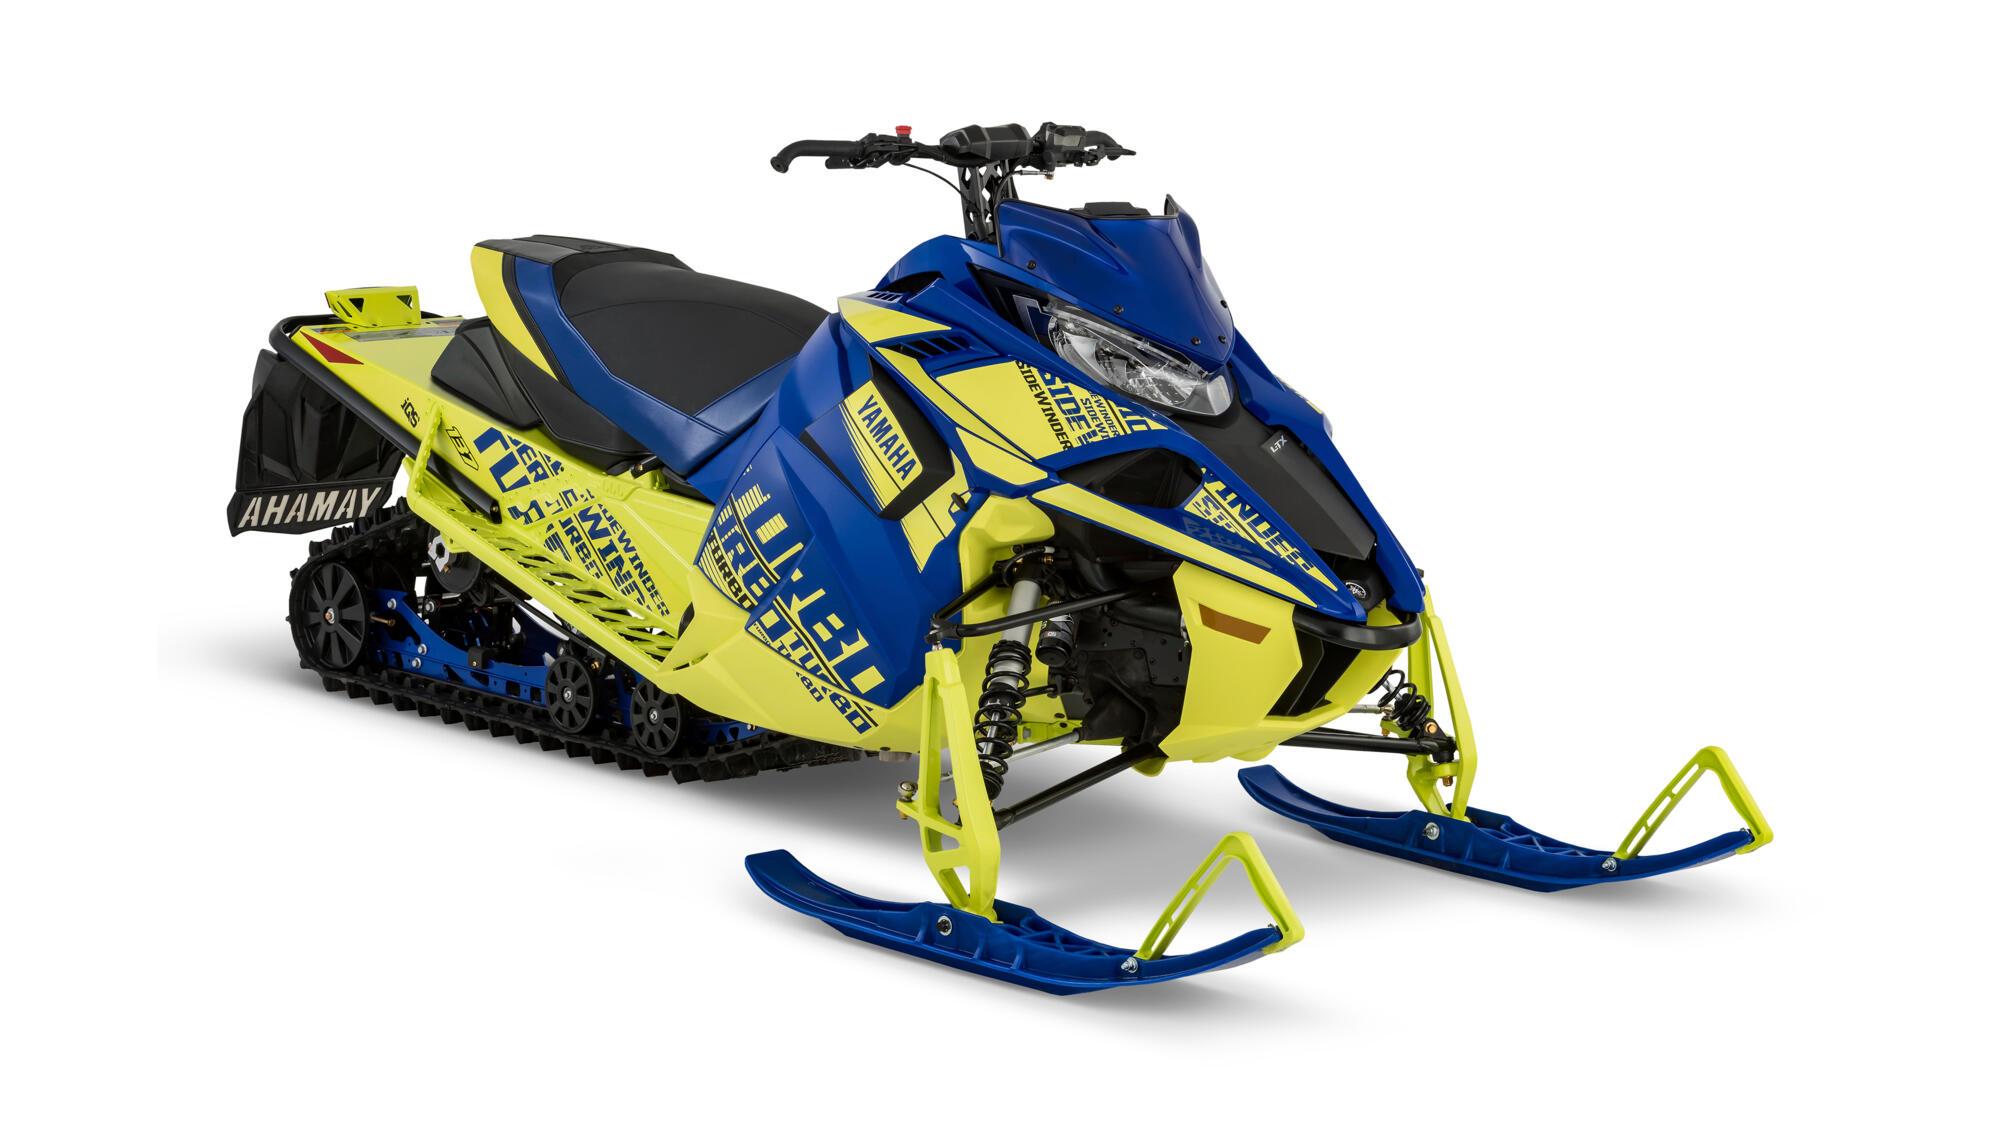 Sidewinder L-TX LE 137